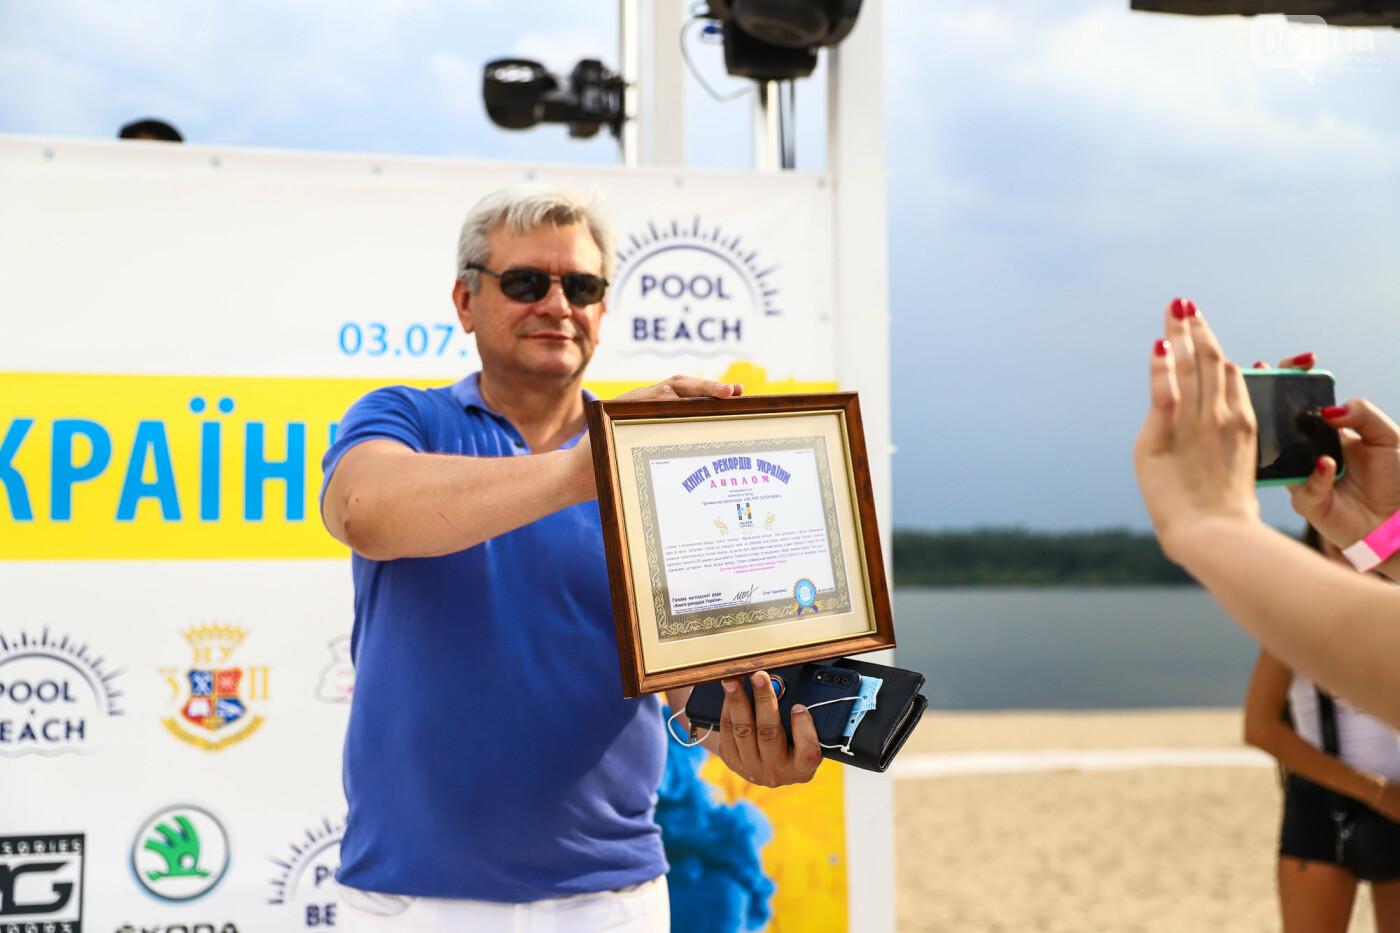 На пляже в Запорожье зажгли желто-синие дымовые шашки и установили рекорд Украины, - ФОТОРЕПОРТАЖ, фото-24